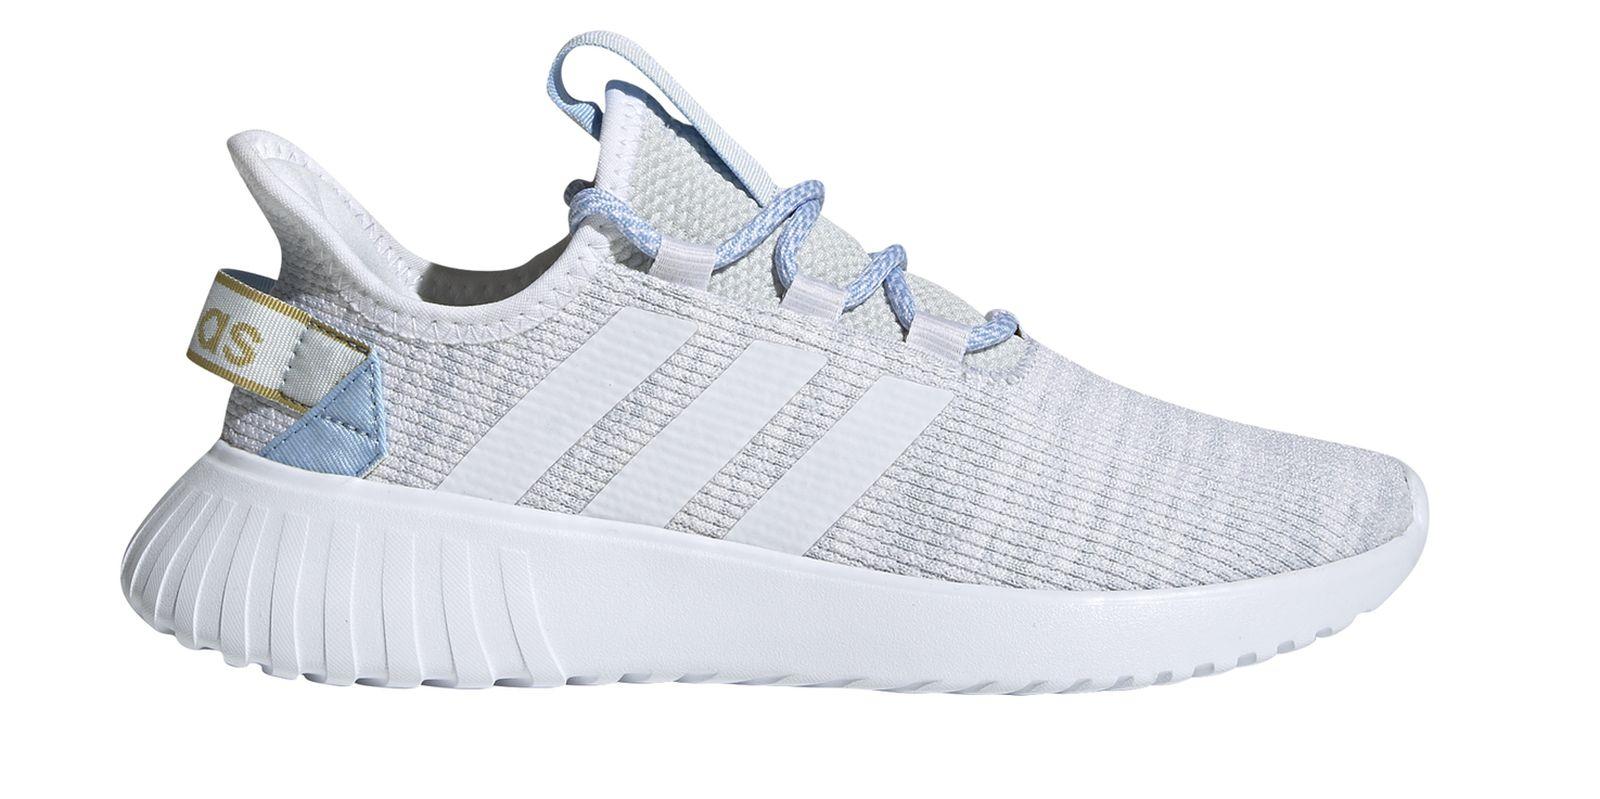 W Damen Blau Sneaker Kaptir Core Weiß Freizeitschuhe X Adidas mvNn08wO